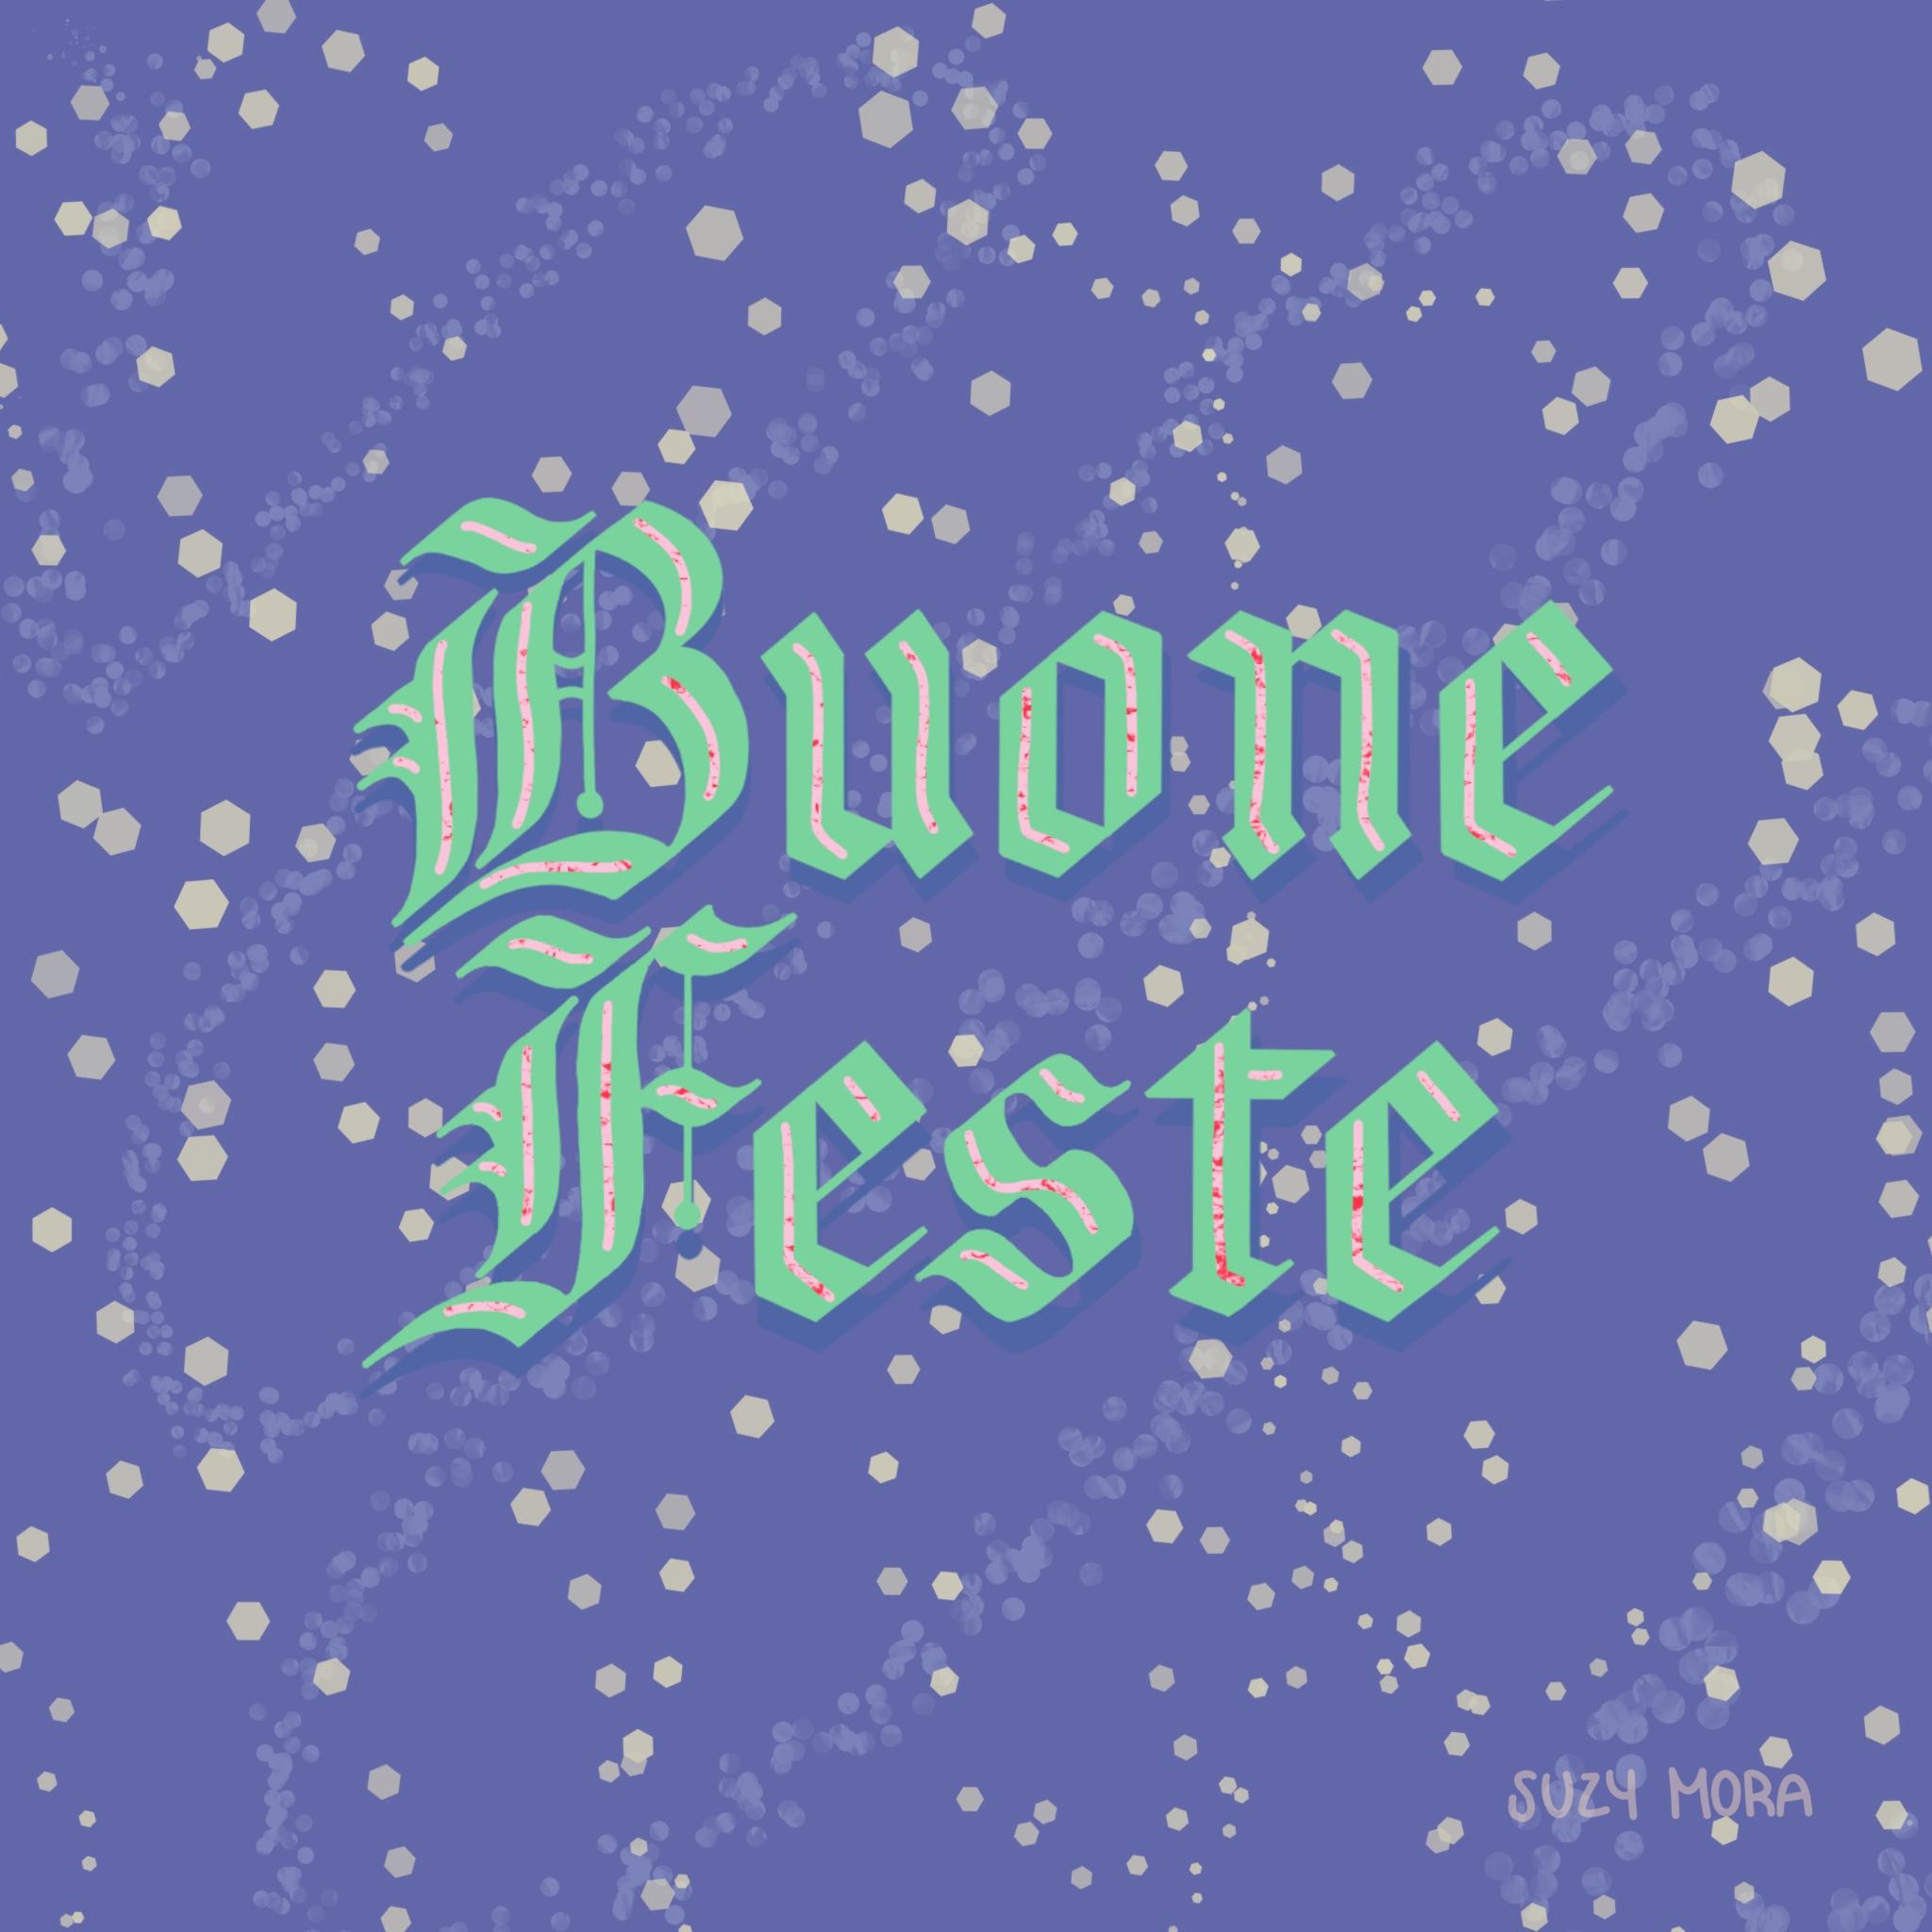 Buone Feste social media post